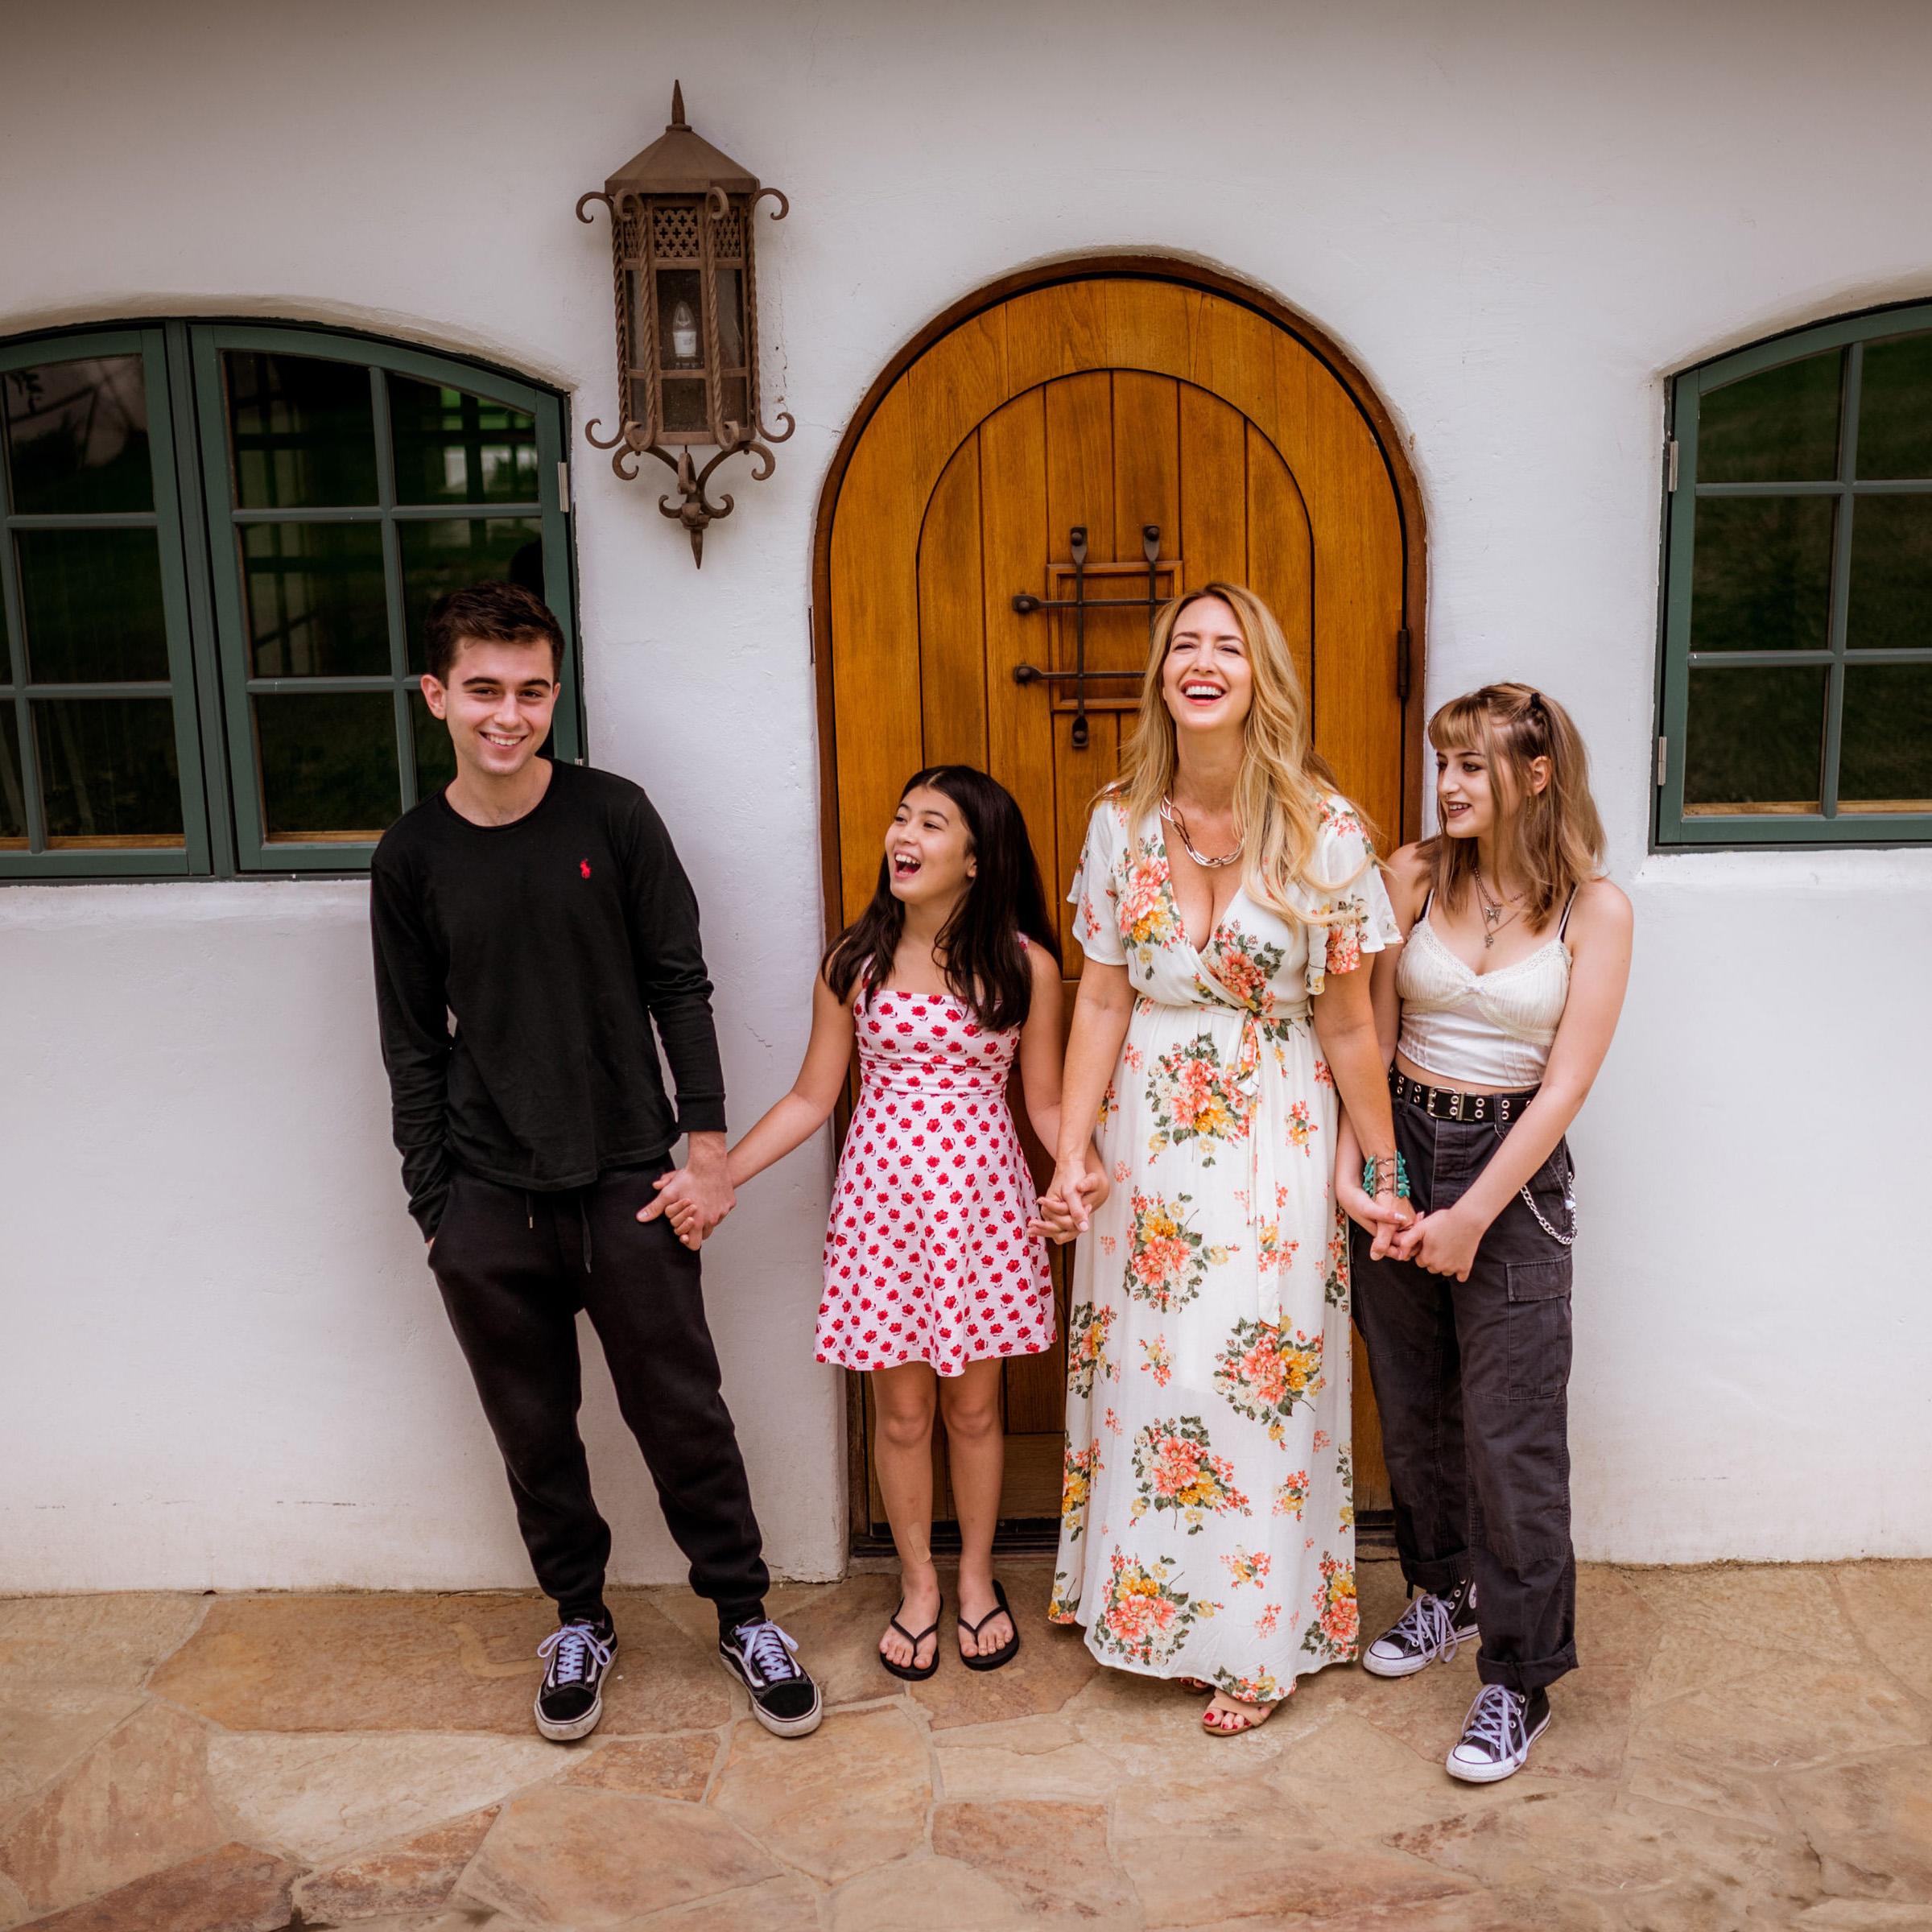 Steph-FAMILY-SMILES.jpg